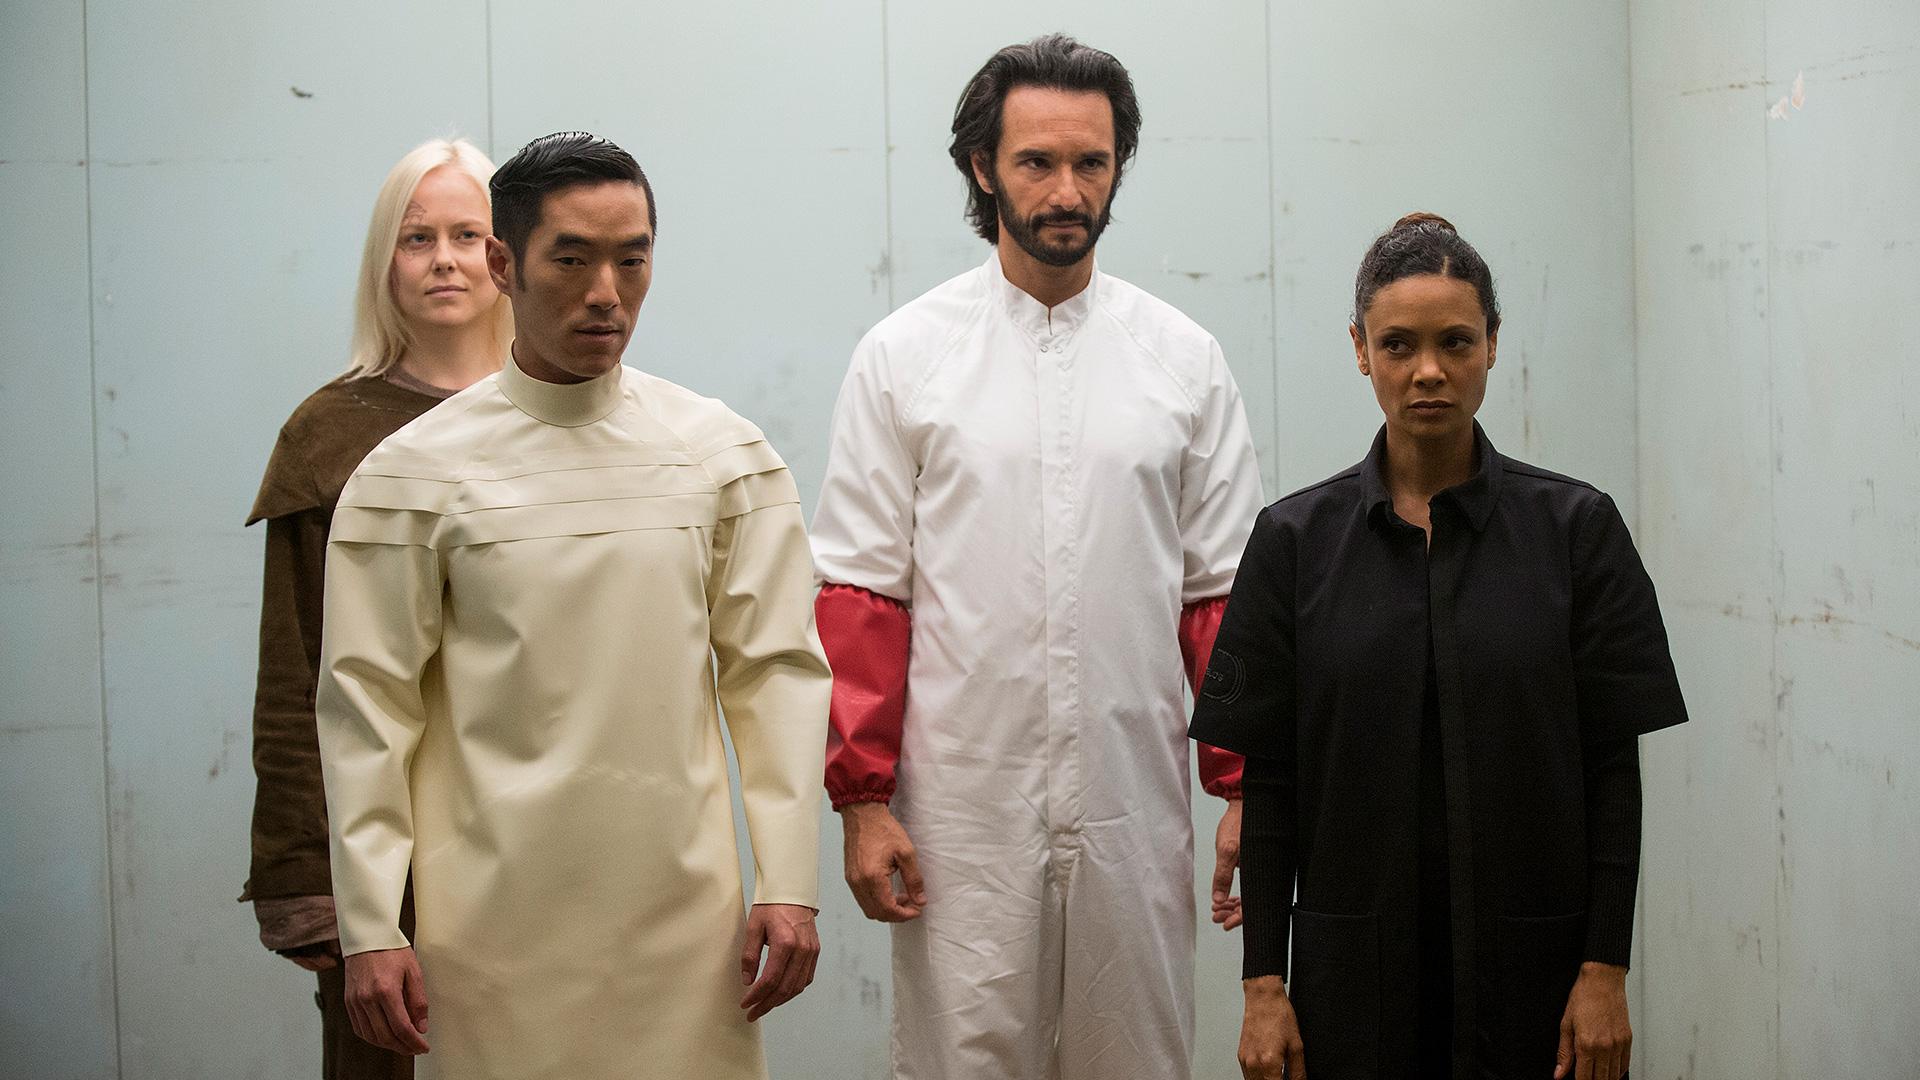 westworld episode 10 recap season finale maeve's escape